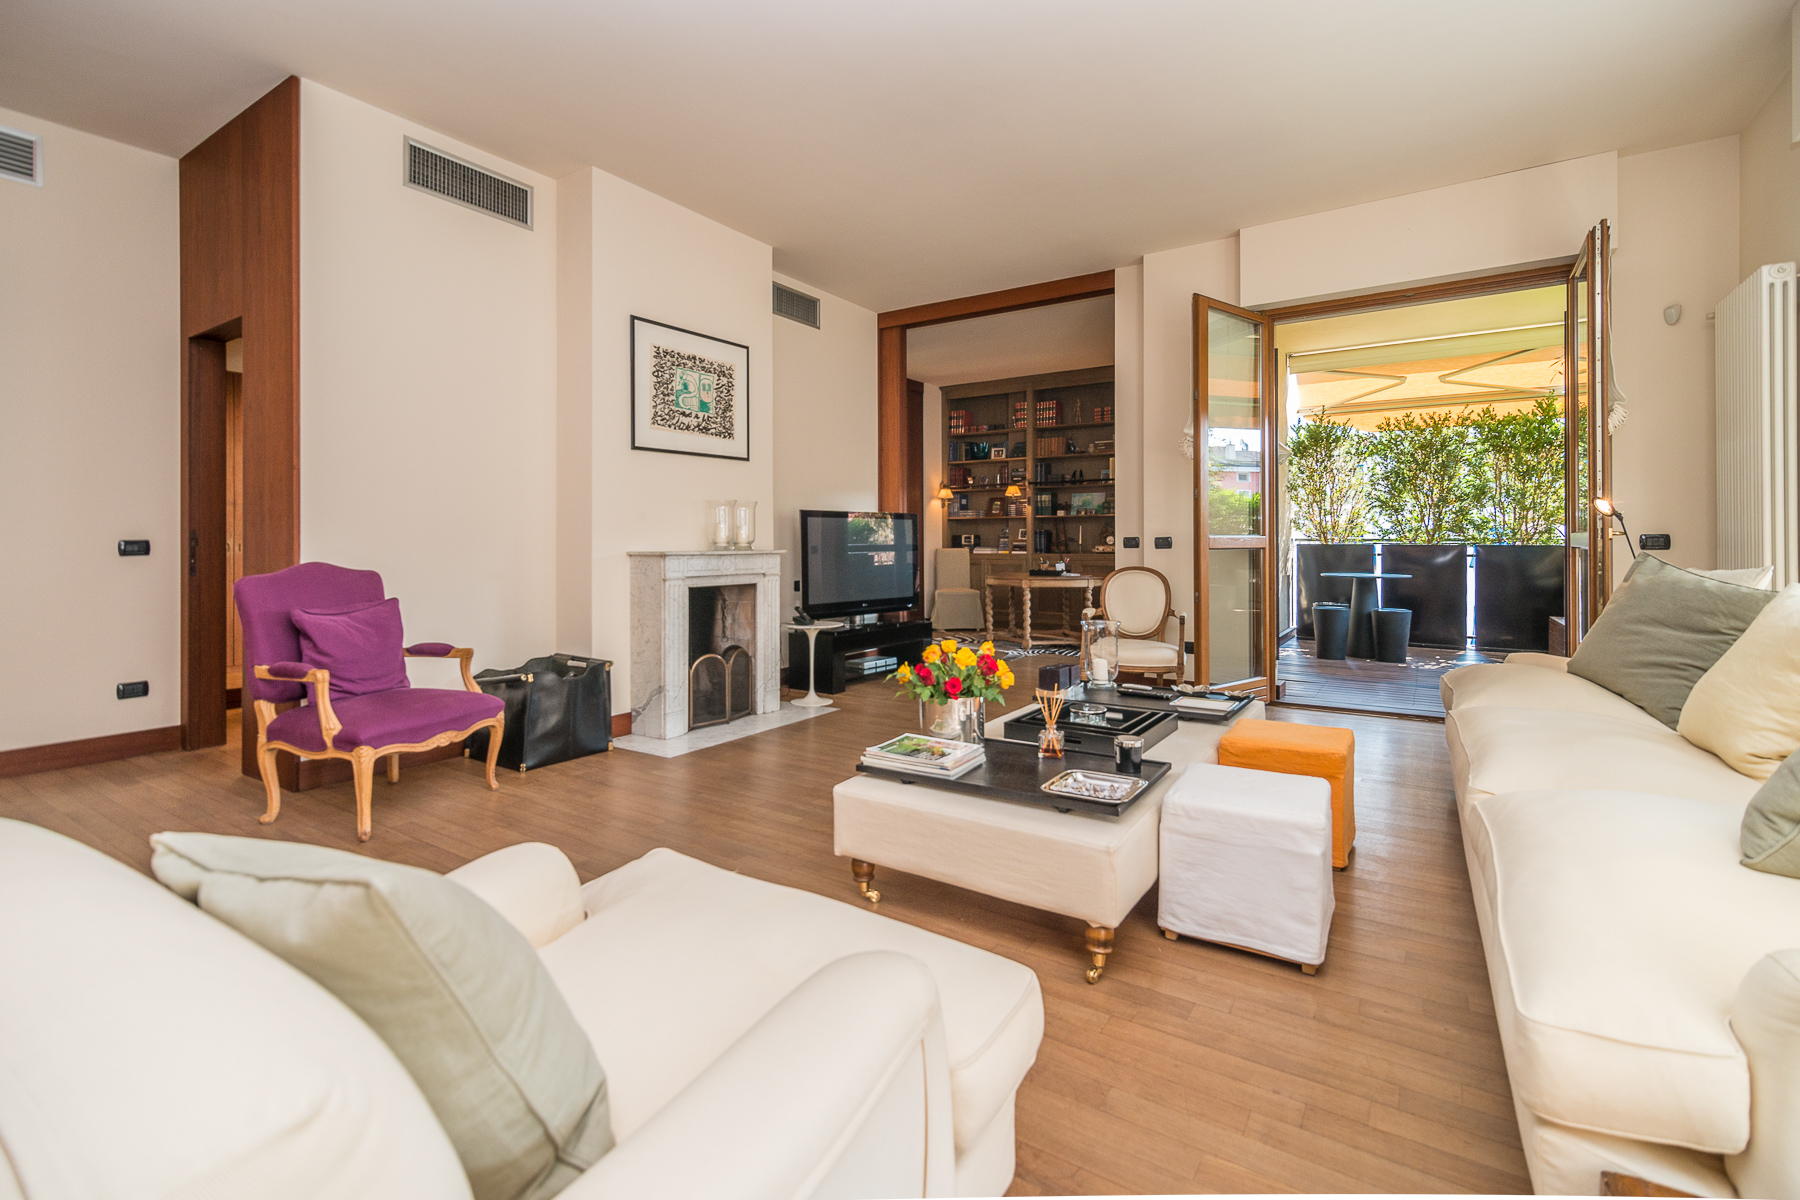 Appartamento di lusso in affitto a milano via bullona for Appartamento design affitto milano